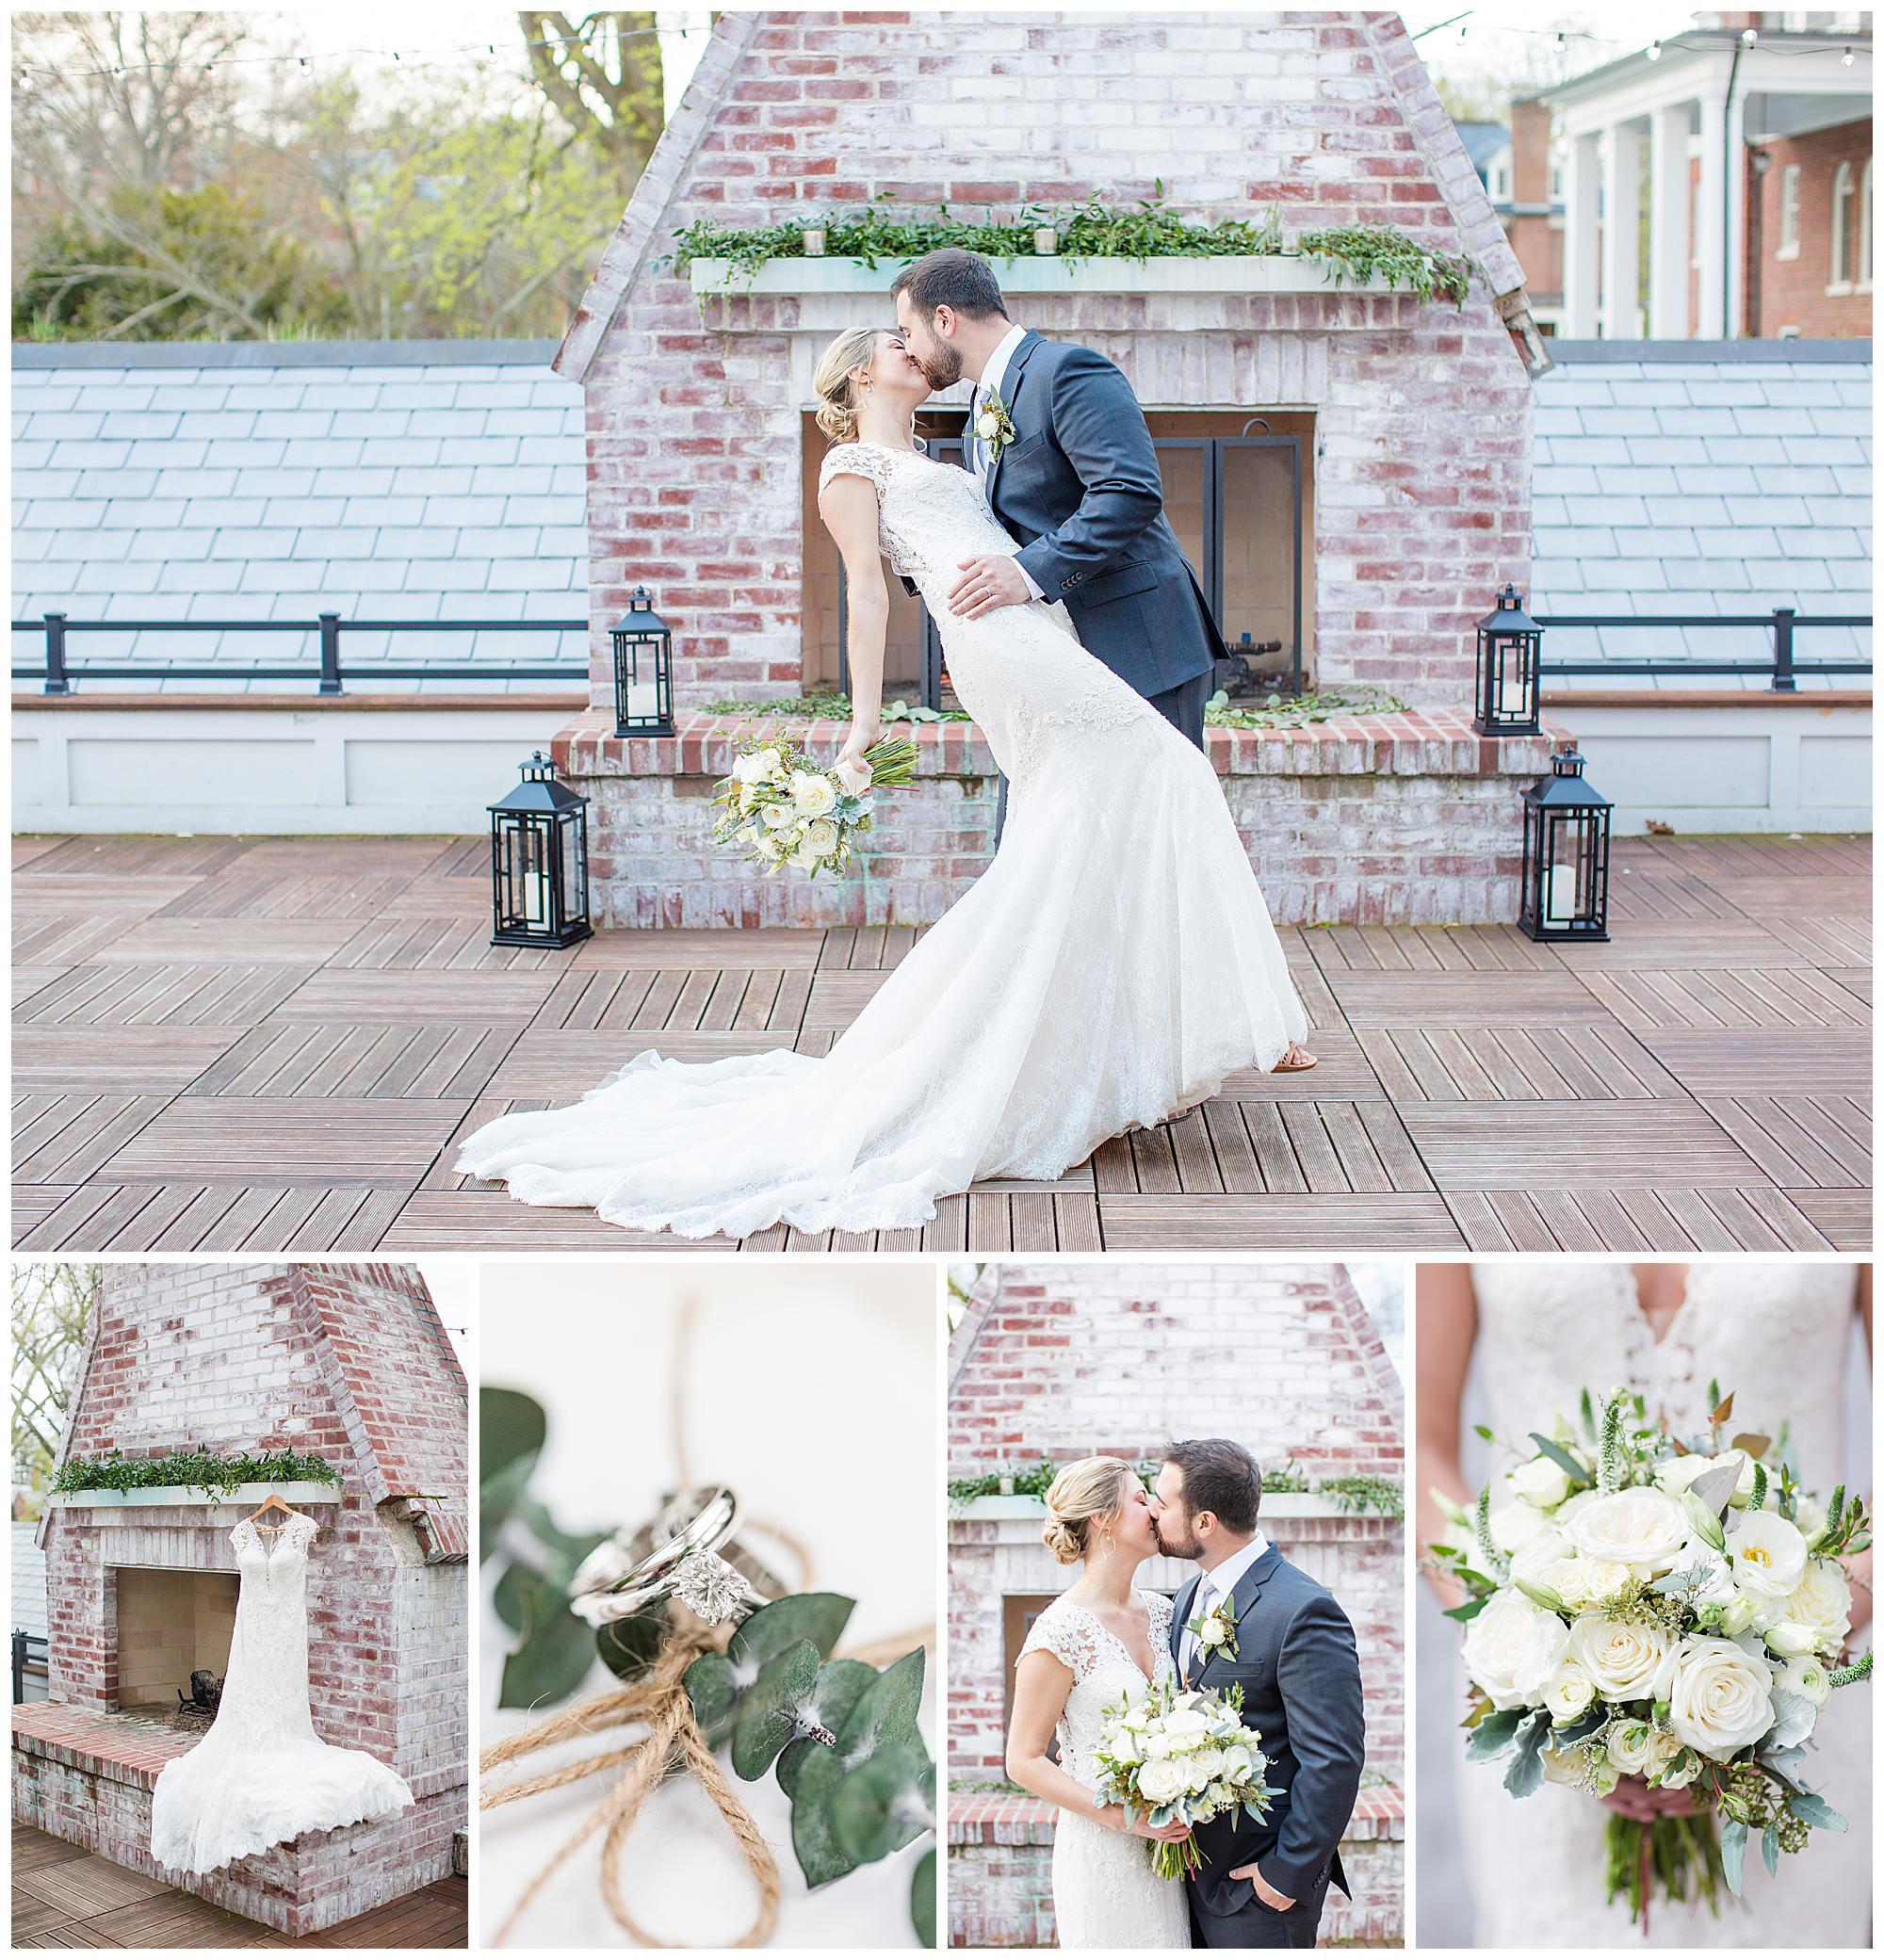 Inn on Boltwood Wedding in Amherst Massachusetts